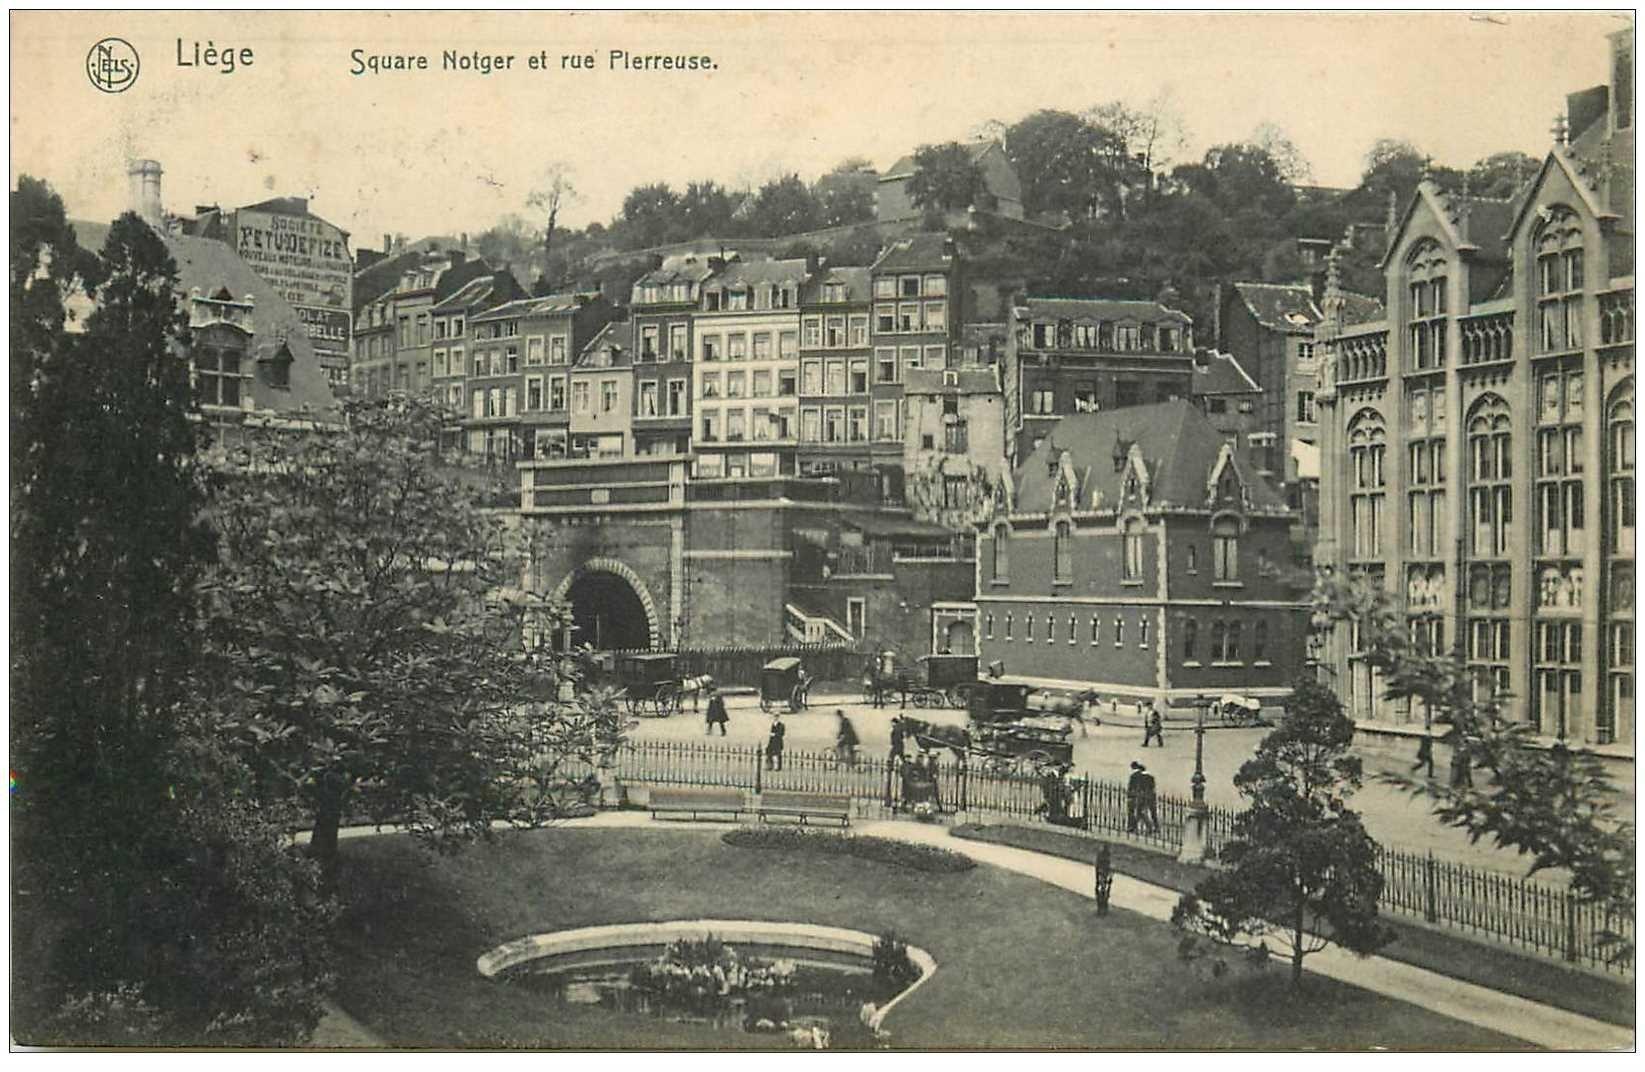 carte postale ancienne LIEGE. Square Notger et rue Pierreuse 1908